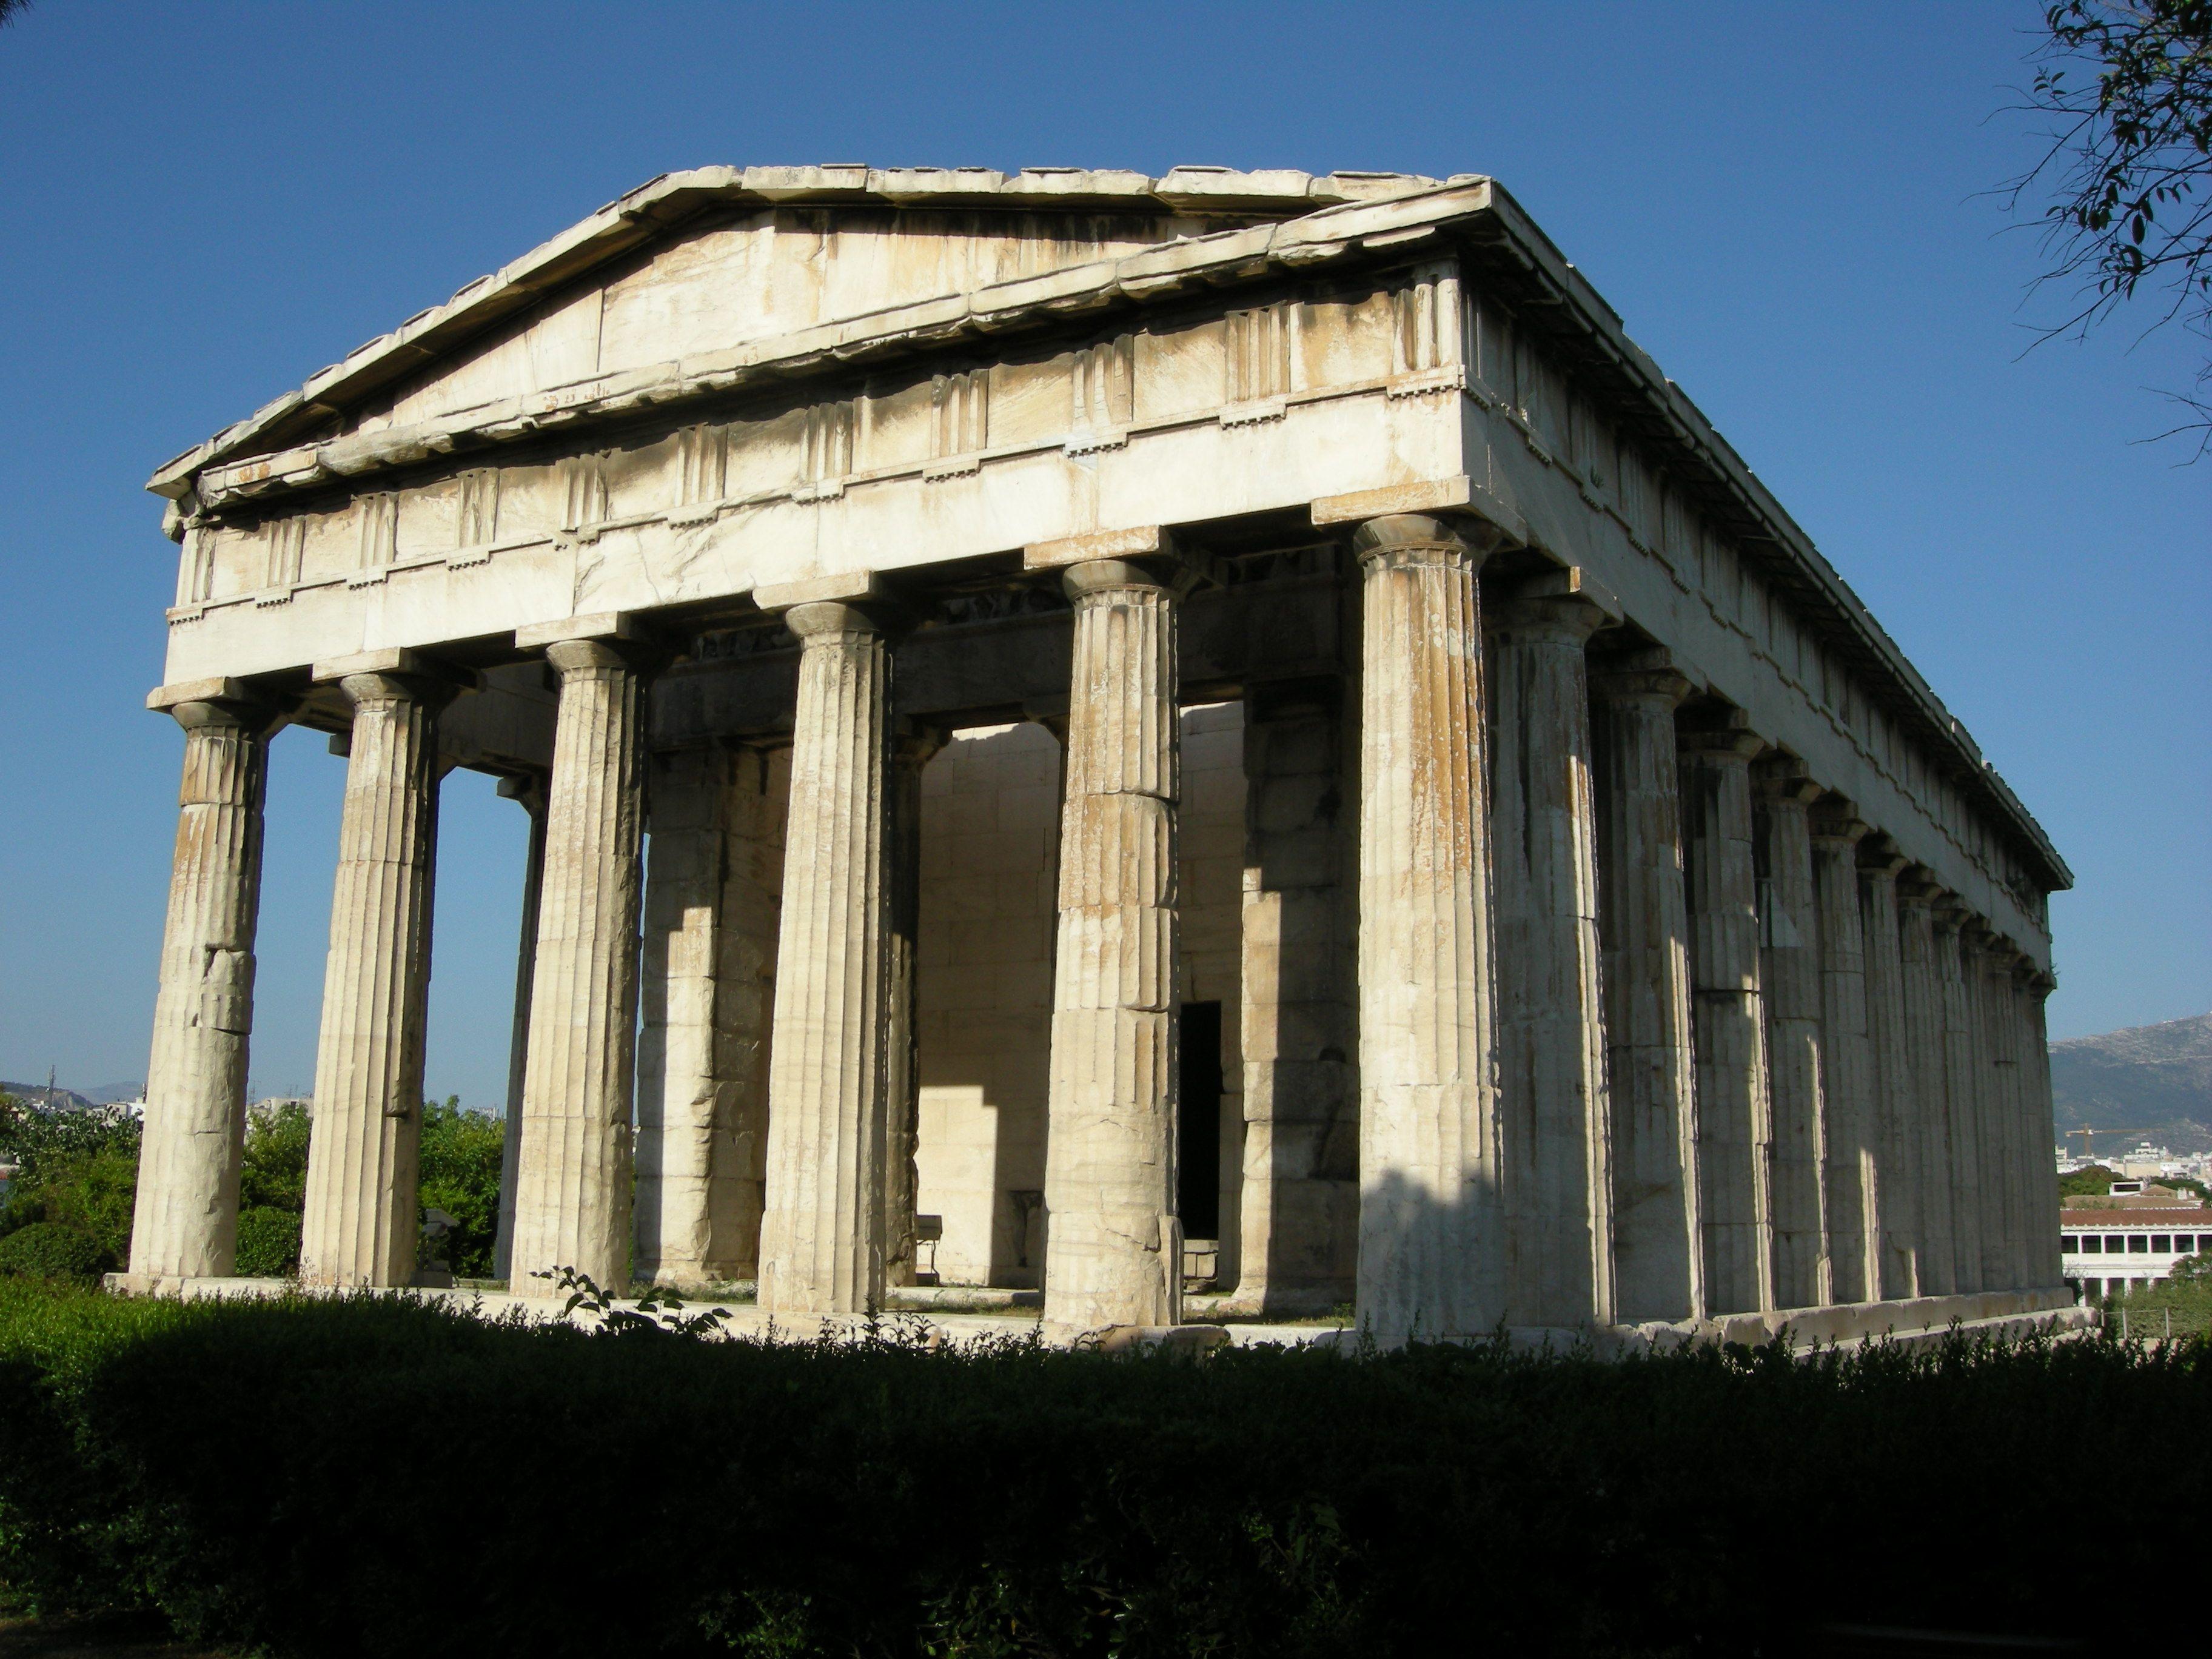 Temple Of Hephaestus Grecia Antigua Atenas Grecia